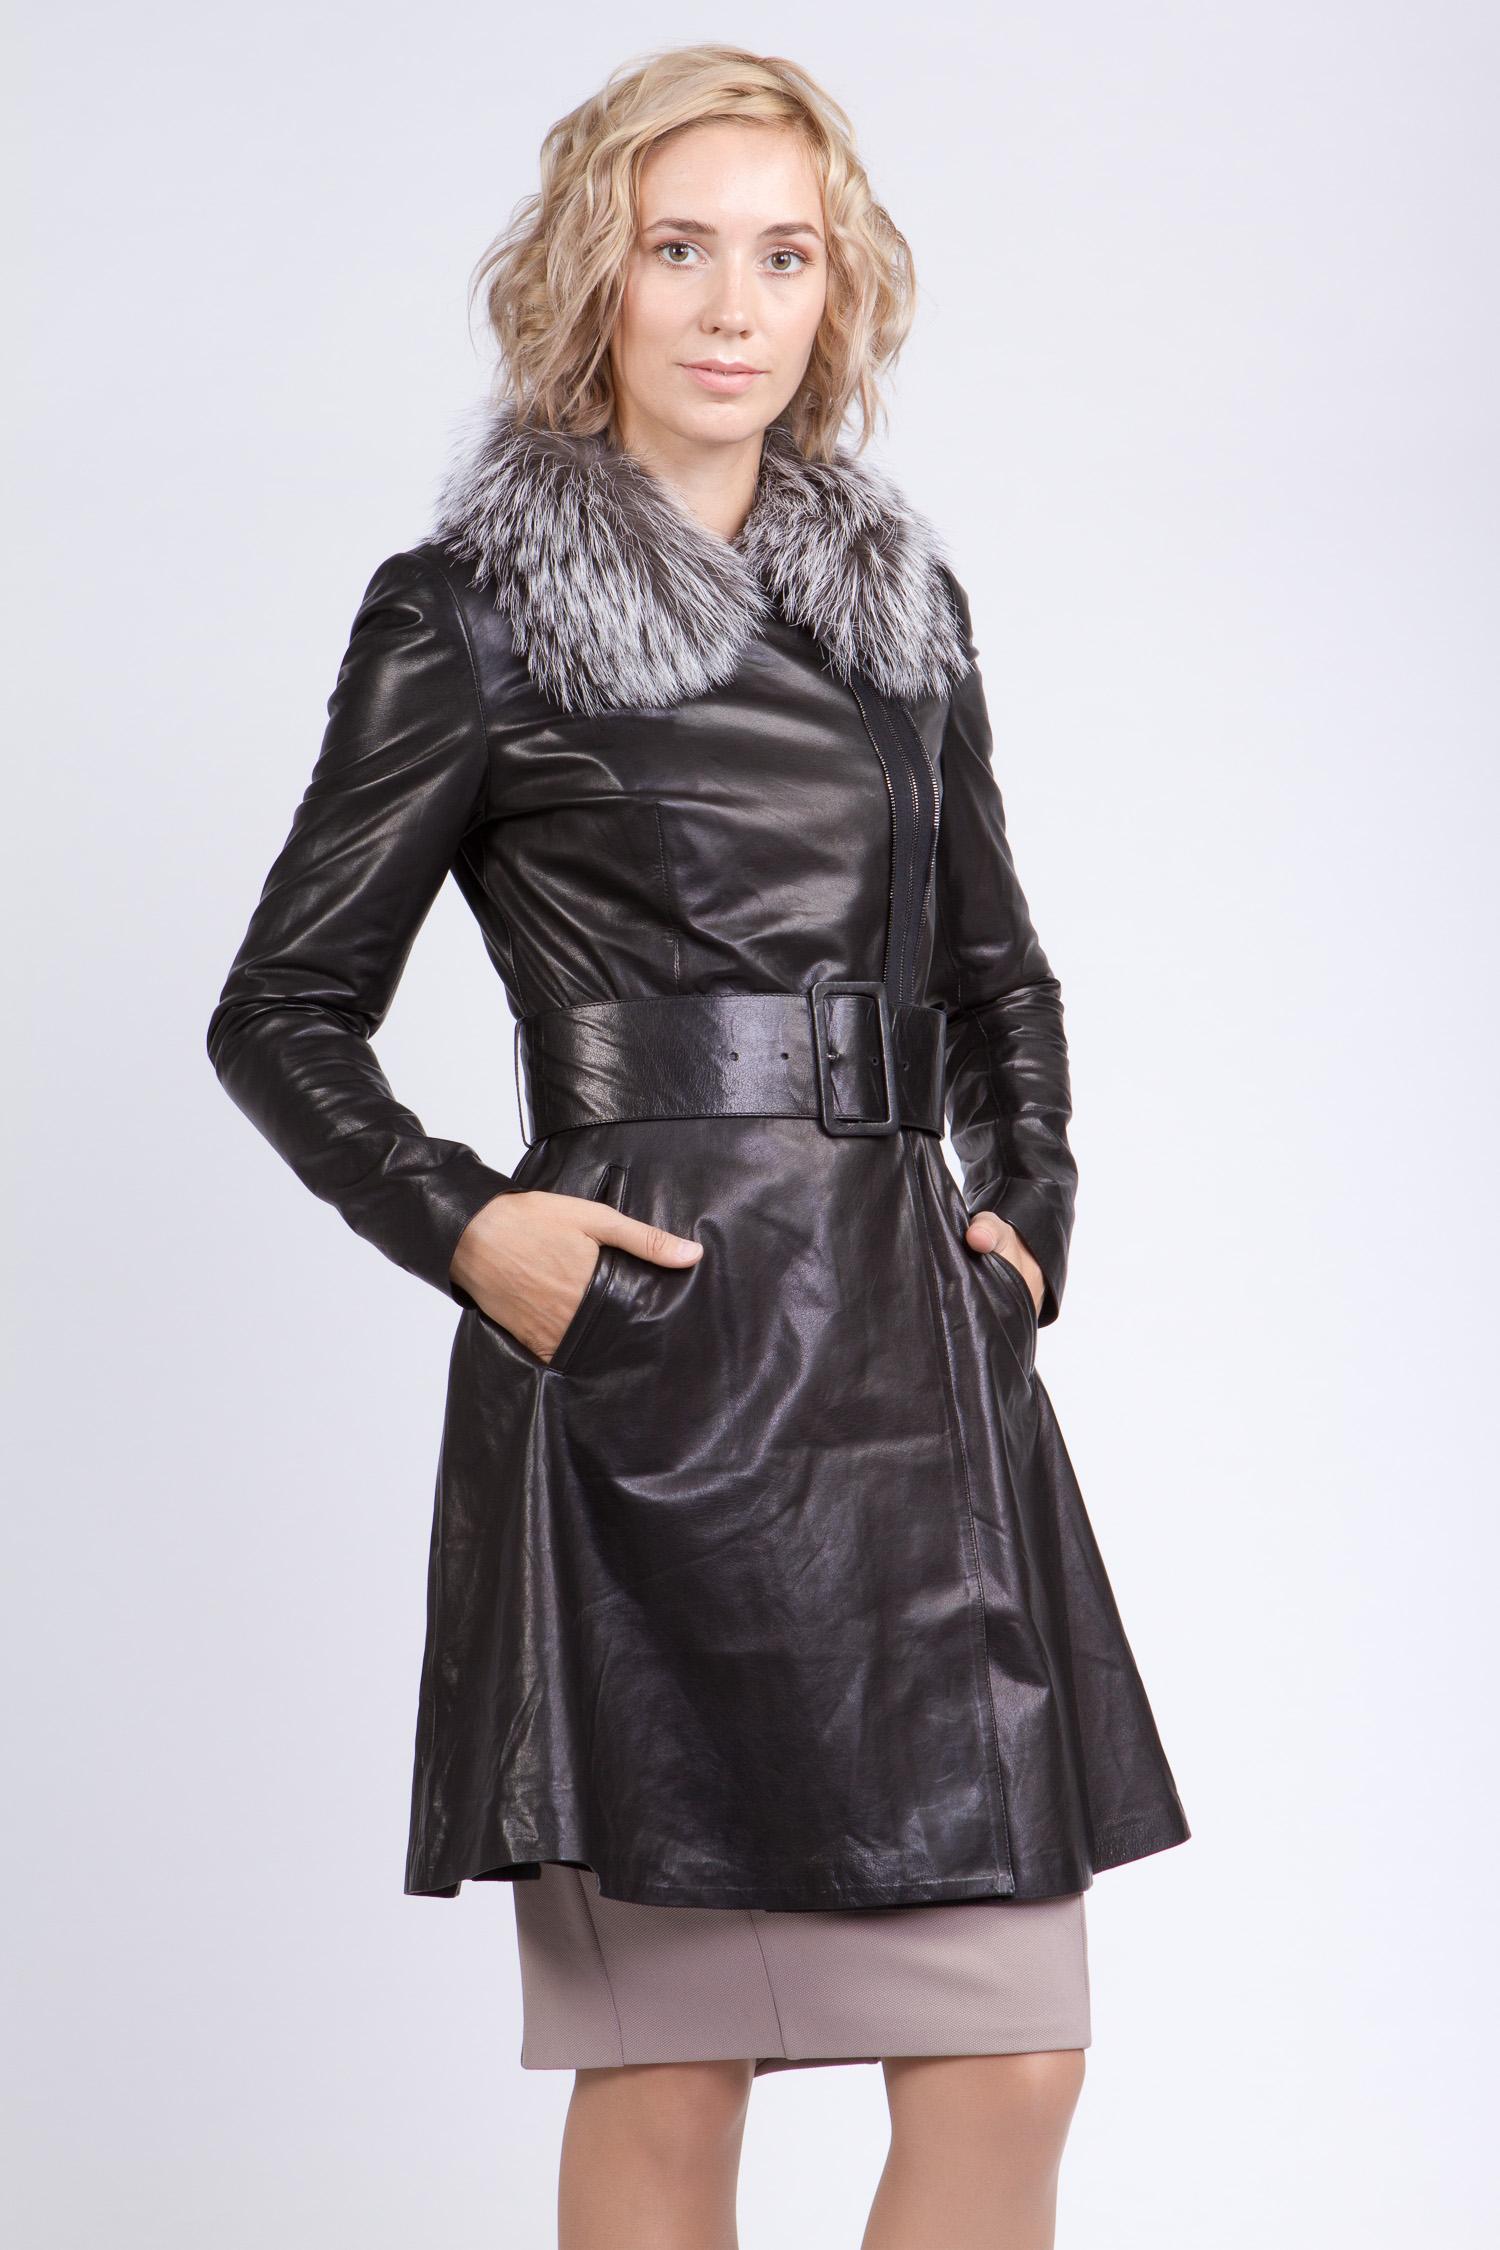 Женское кожаное пальто из натуральной кожи с воротником, отделка чернобурка